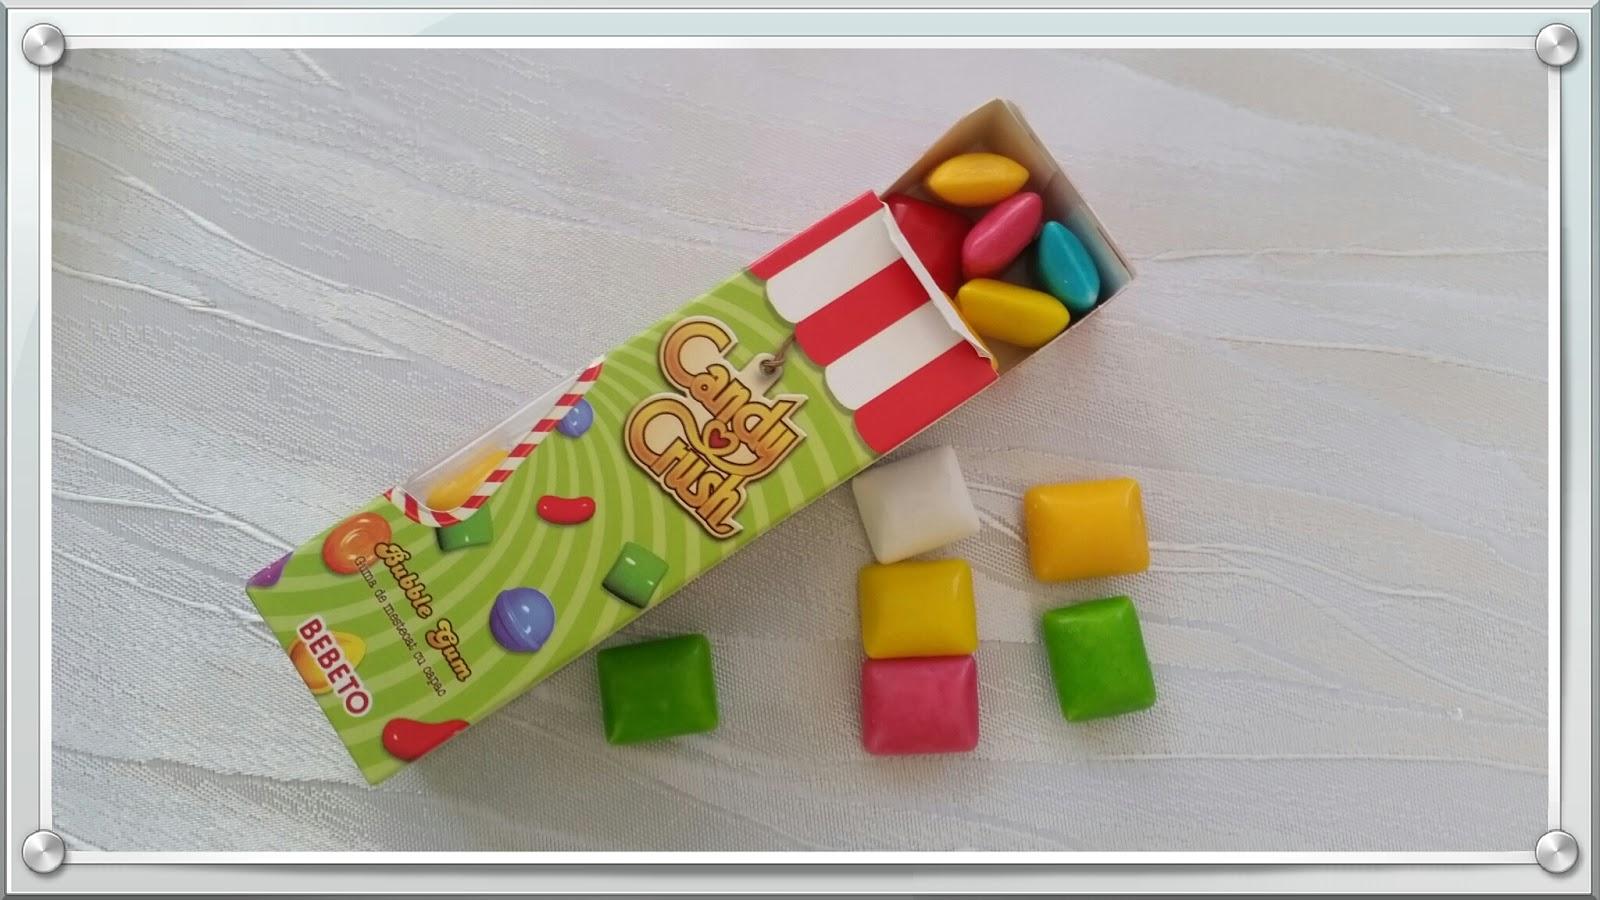 heike 39 s testst bchen candy crush da spiele ich kauend mit. Black Bedroom Furniture Sets. Home Design Ideas